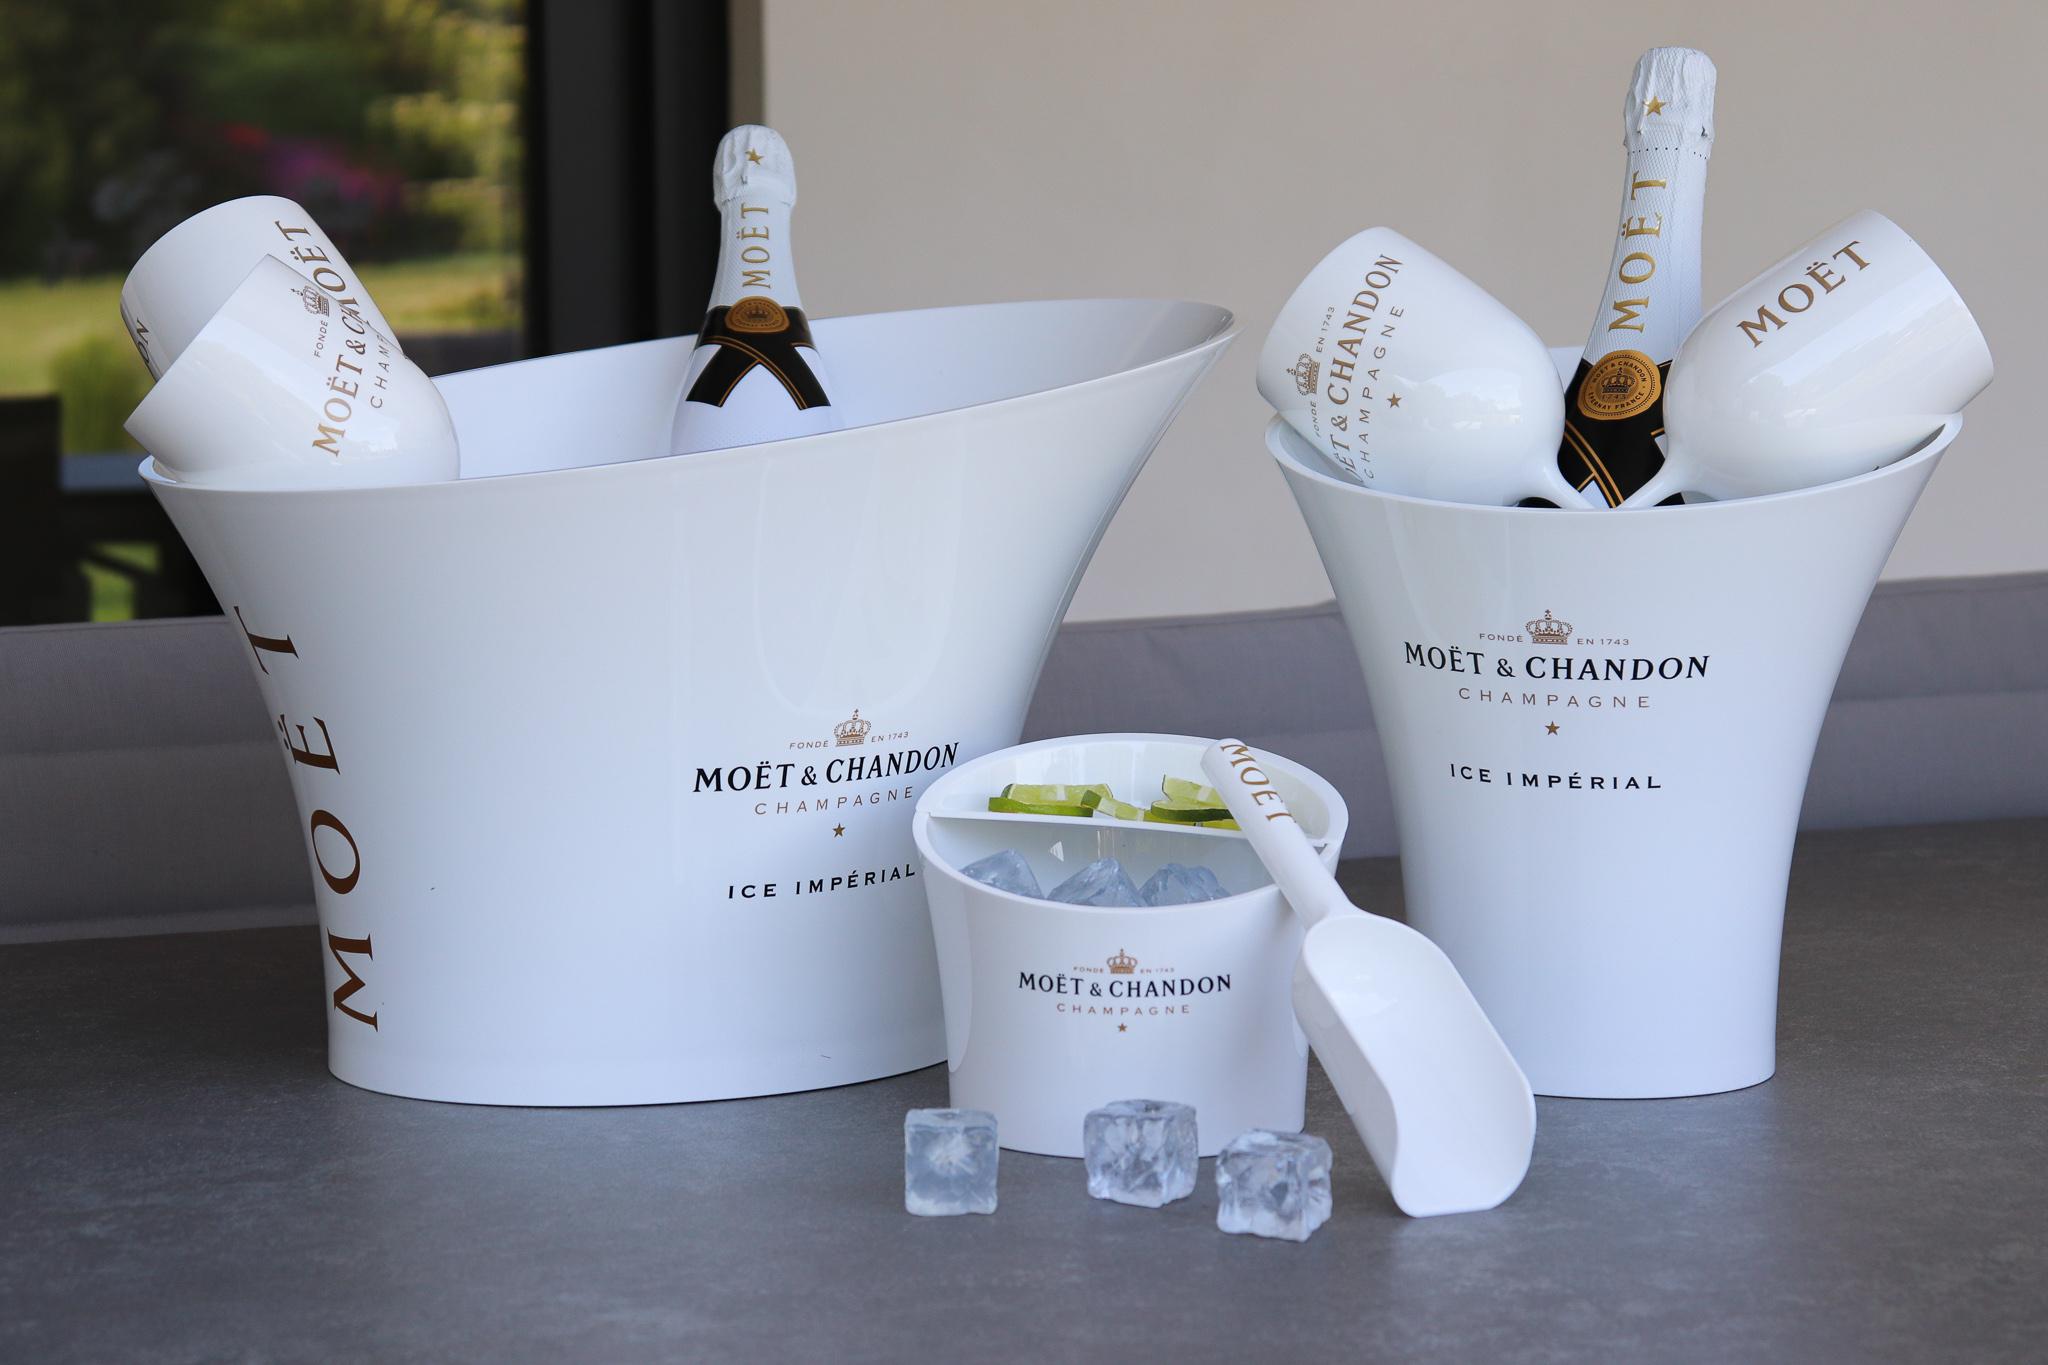 Wijnkoeler wit Moet & Chandon